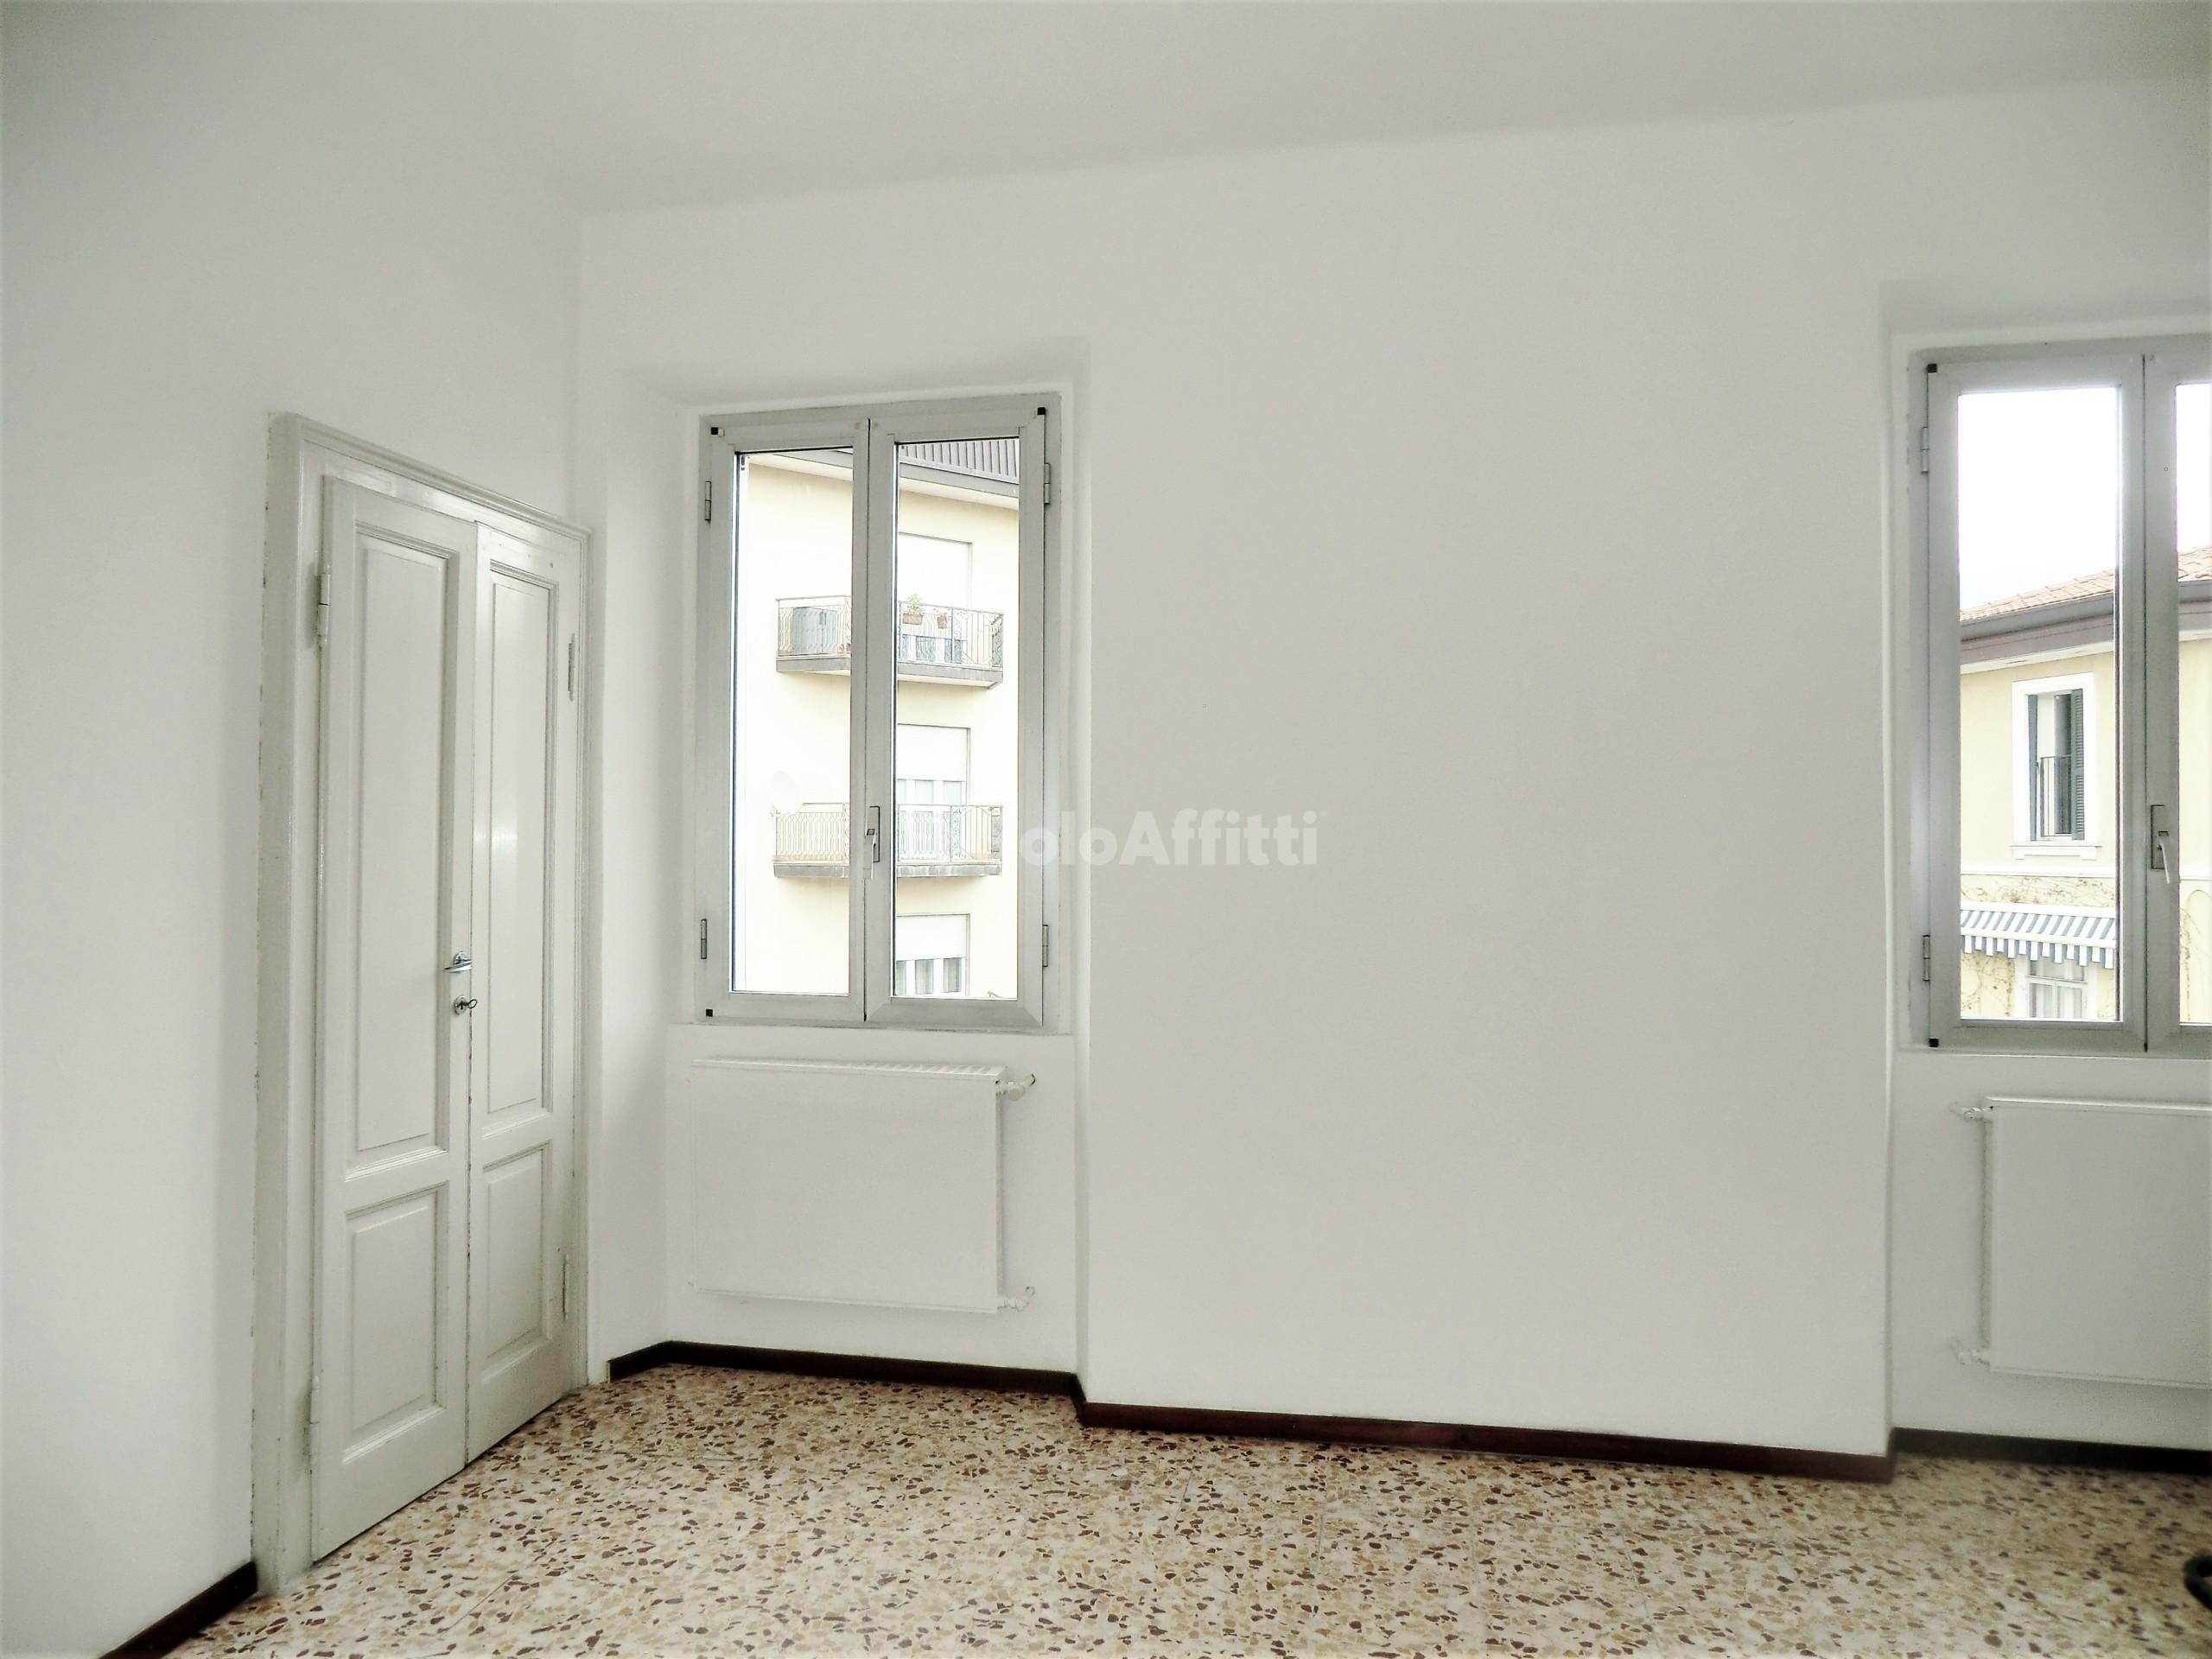 Appartamento Bilocale 60 mq.